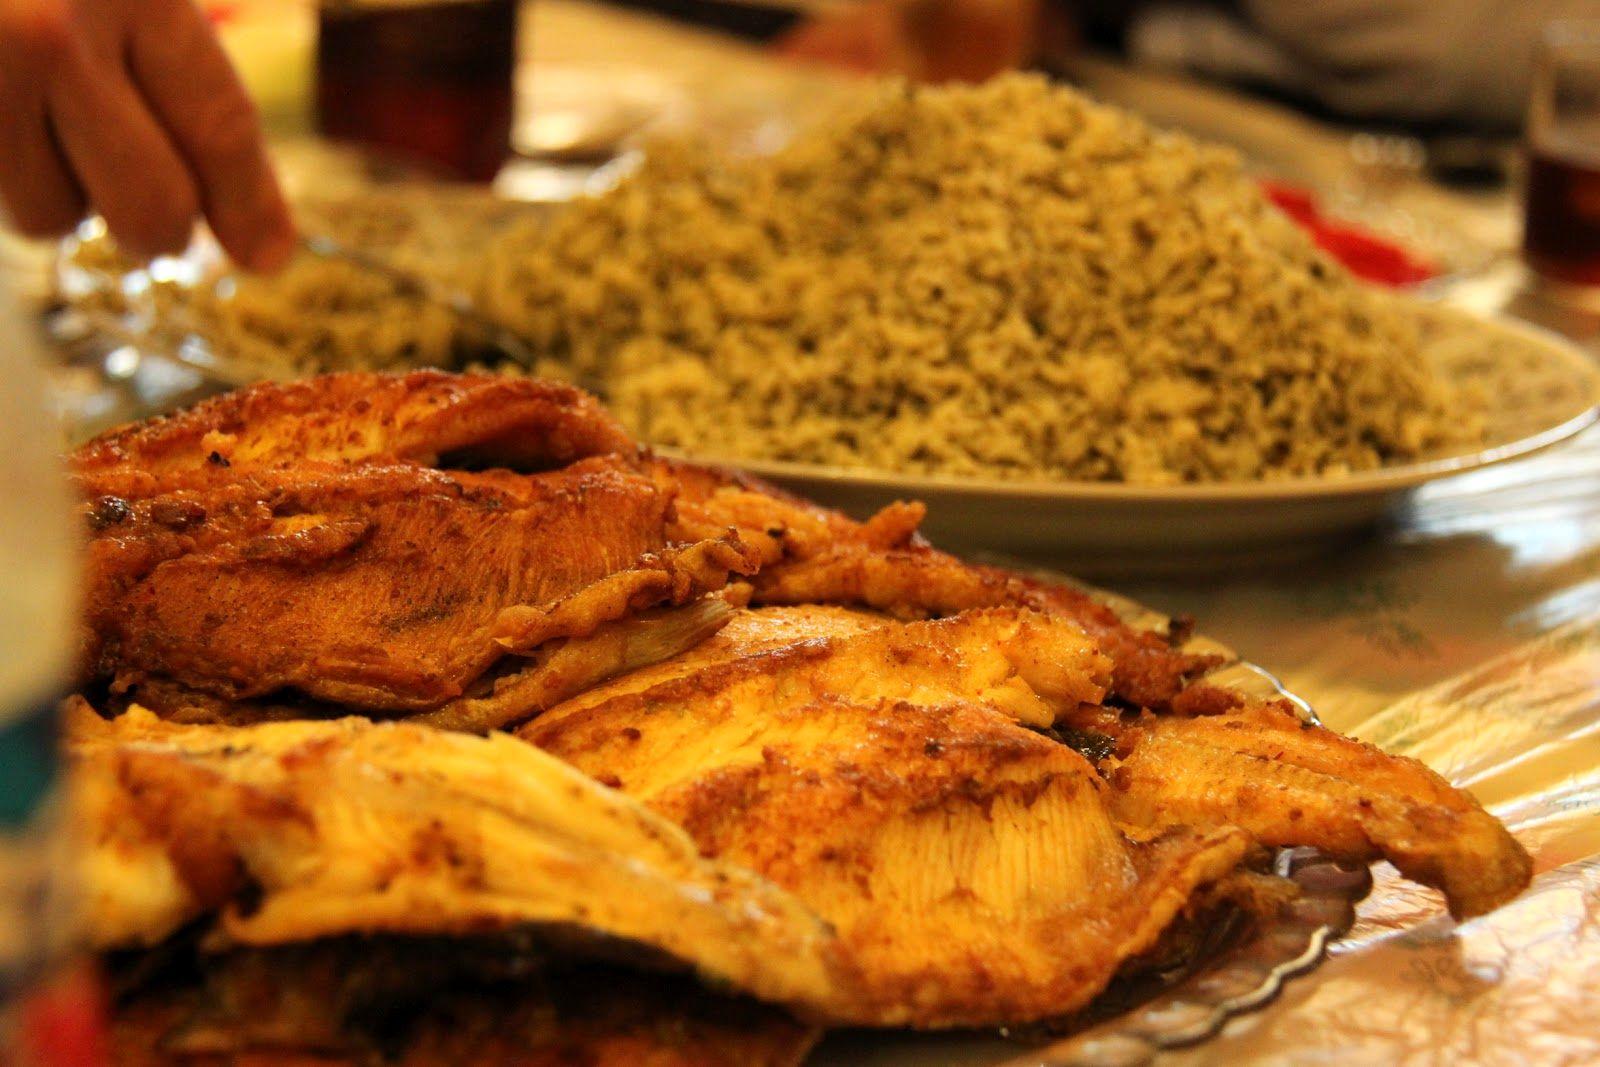 ع سبزه در تنگ ماهی قیمت غذا در رستوران های فرحزاد